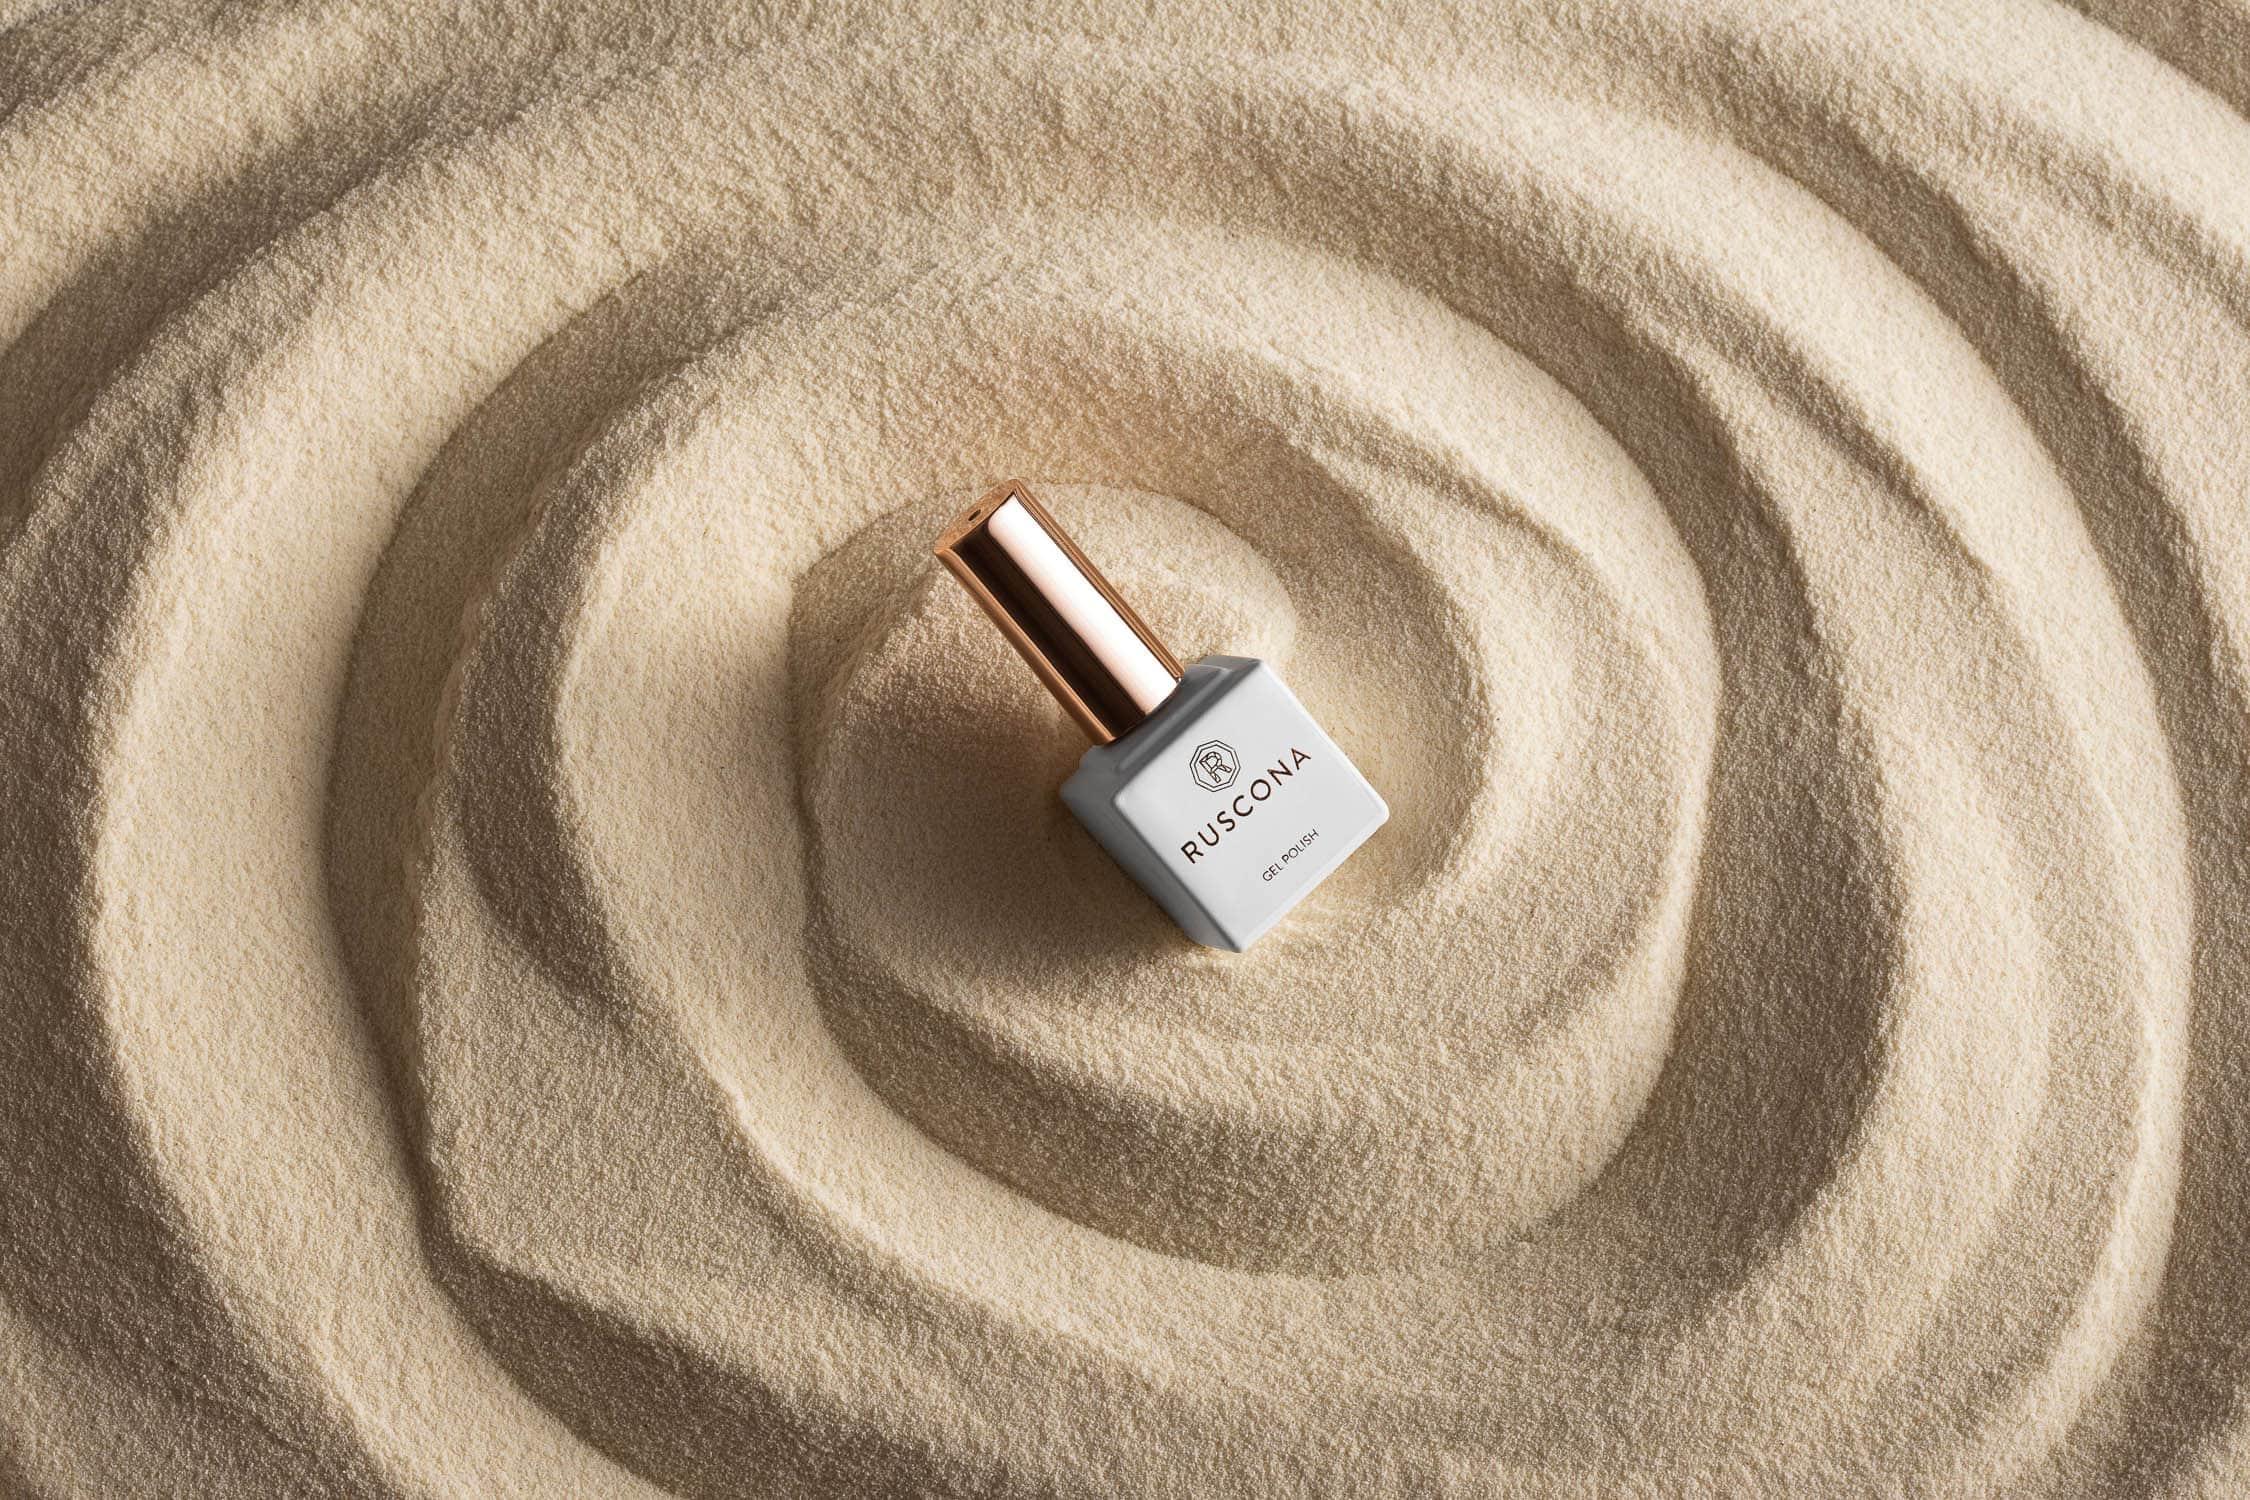 Nail polish in sand waves